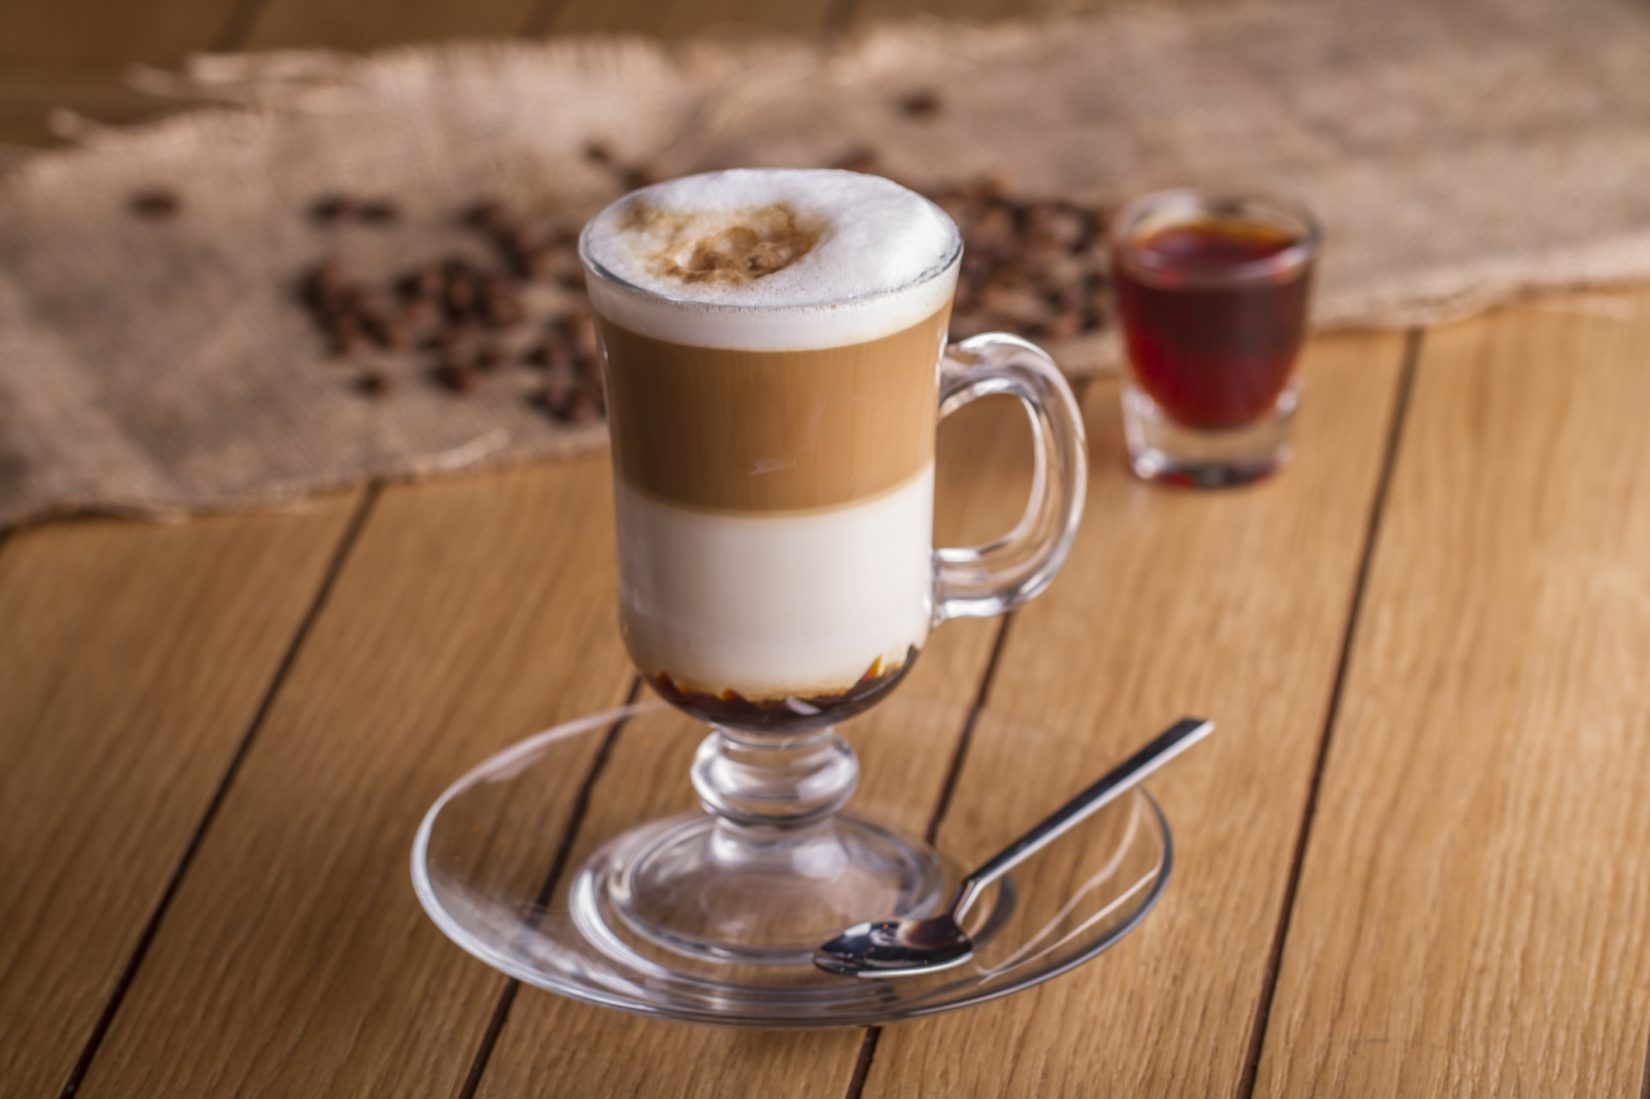 Фото бокала с кофе